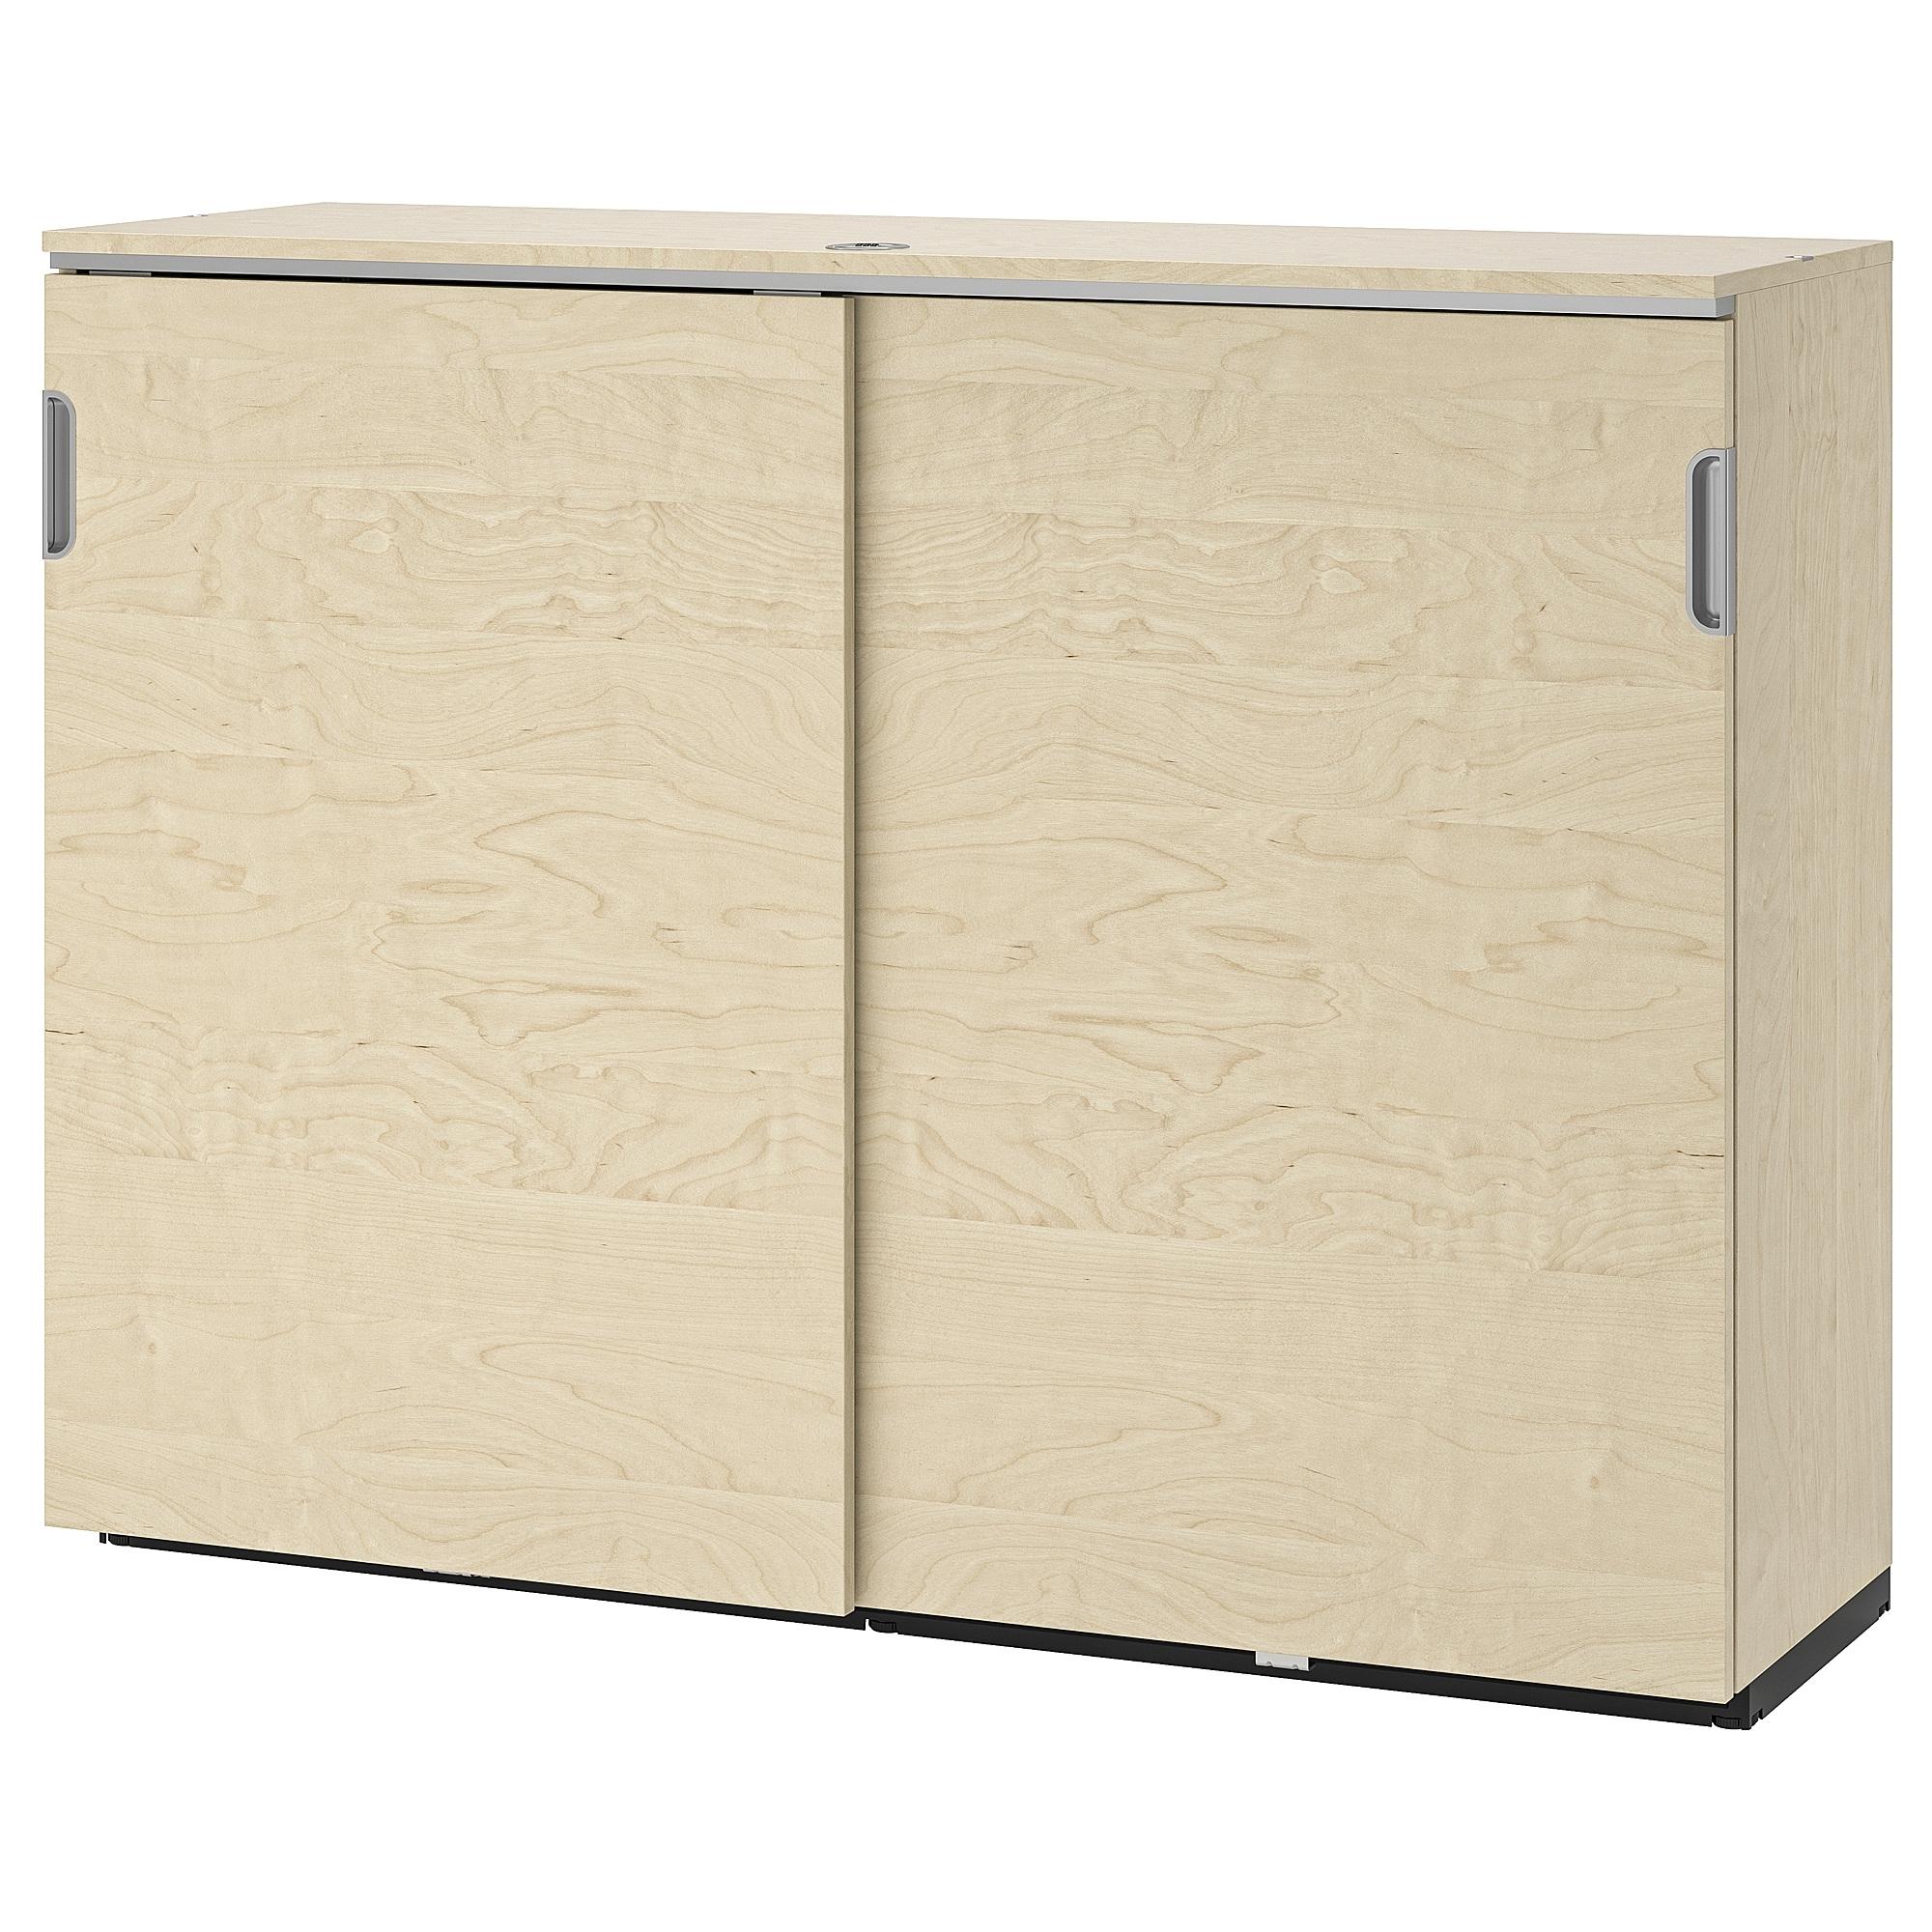 Inspiration about Ikea Lithuania – Įsigyti Baldų, Šviestuvų, Interjero Dekoracijų Ir Pertaining To Newest Koip 6 Door Sideboards (#20 of 20)